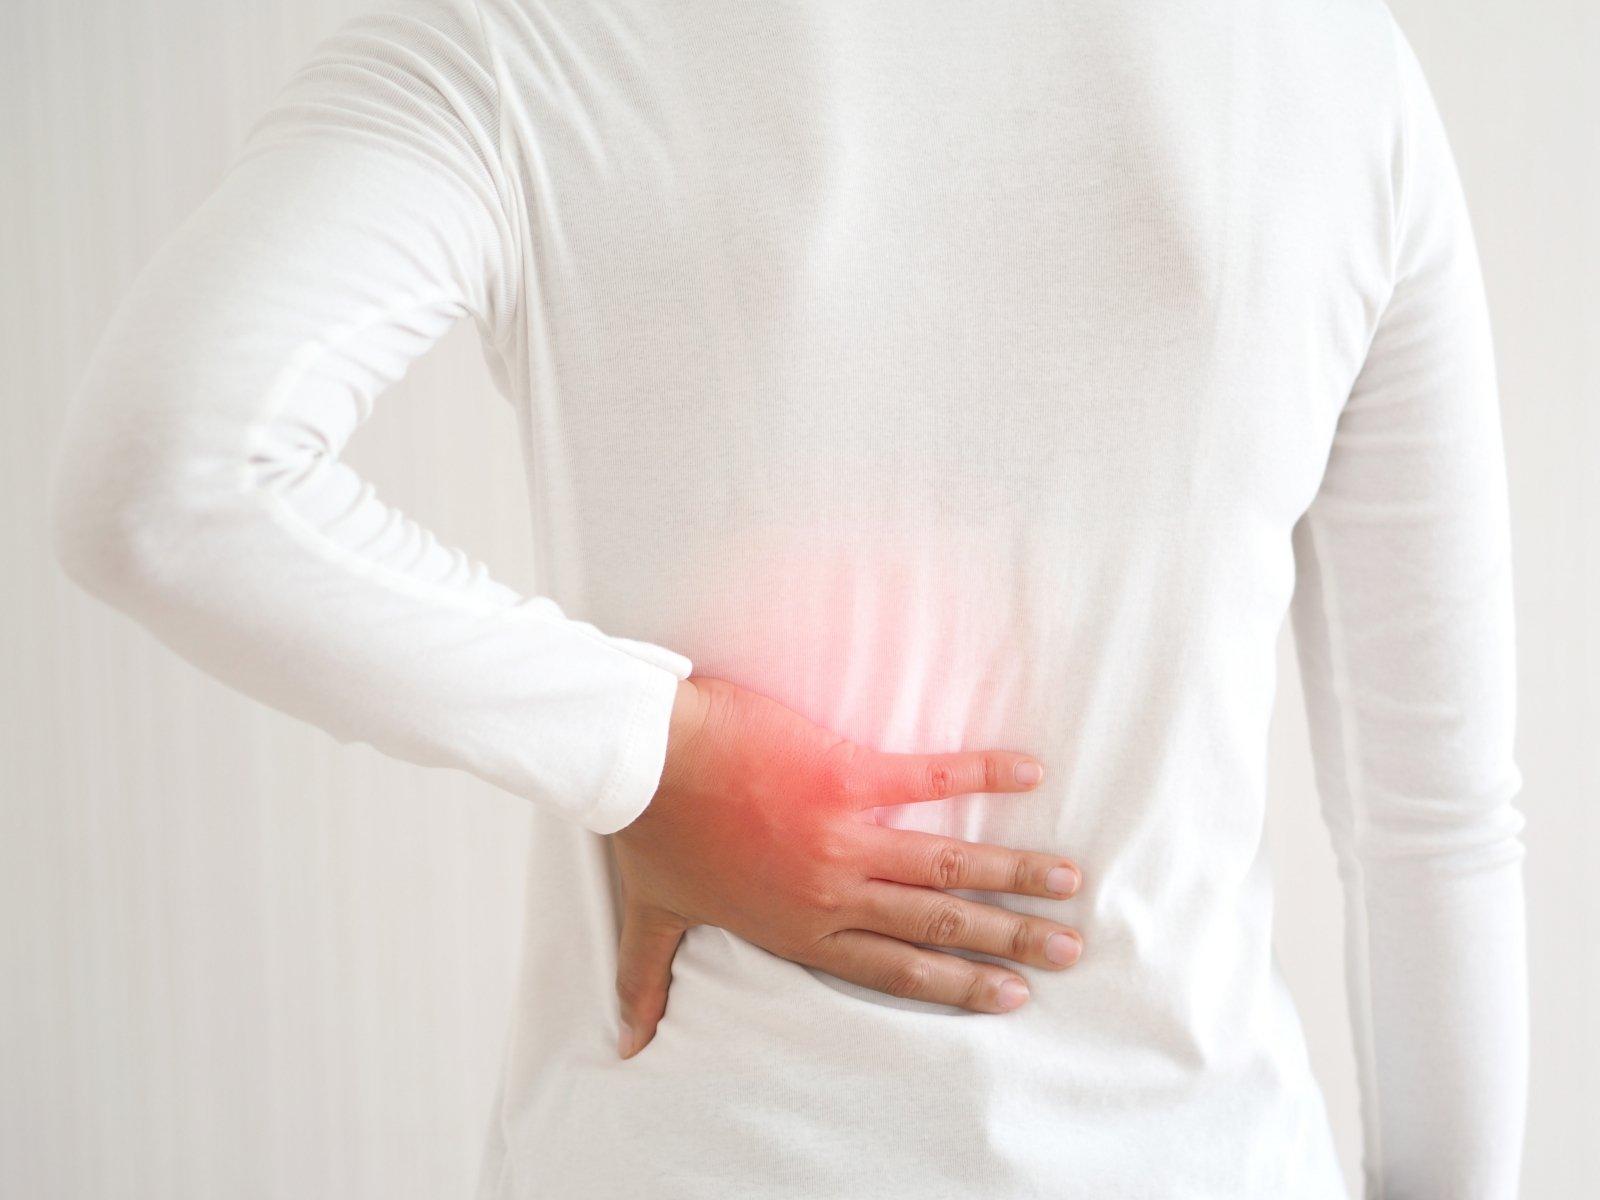 bechterevo liga mityba skauda pirštai liaudies gynimo sąnarius